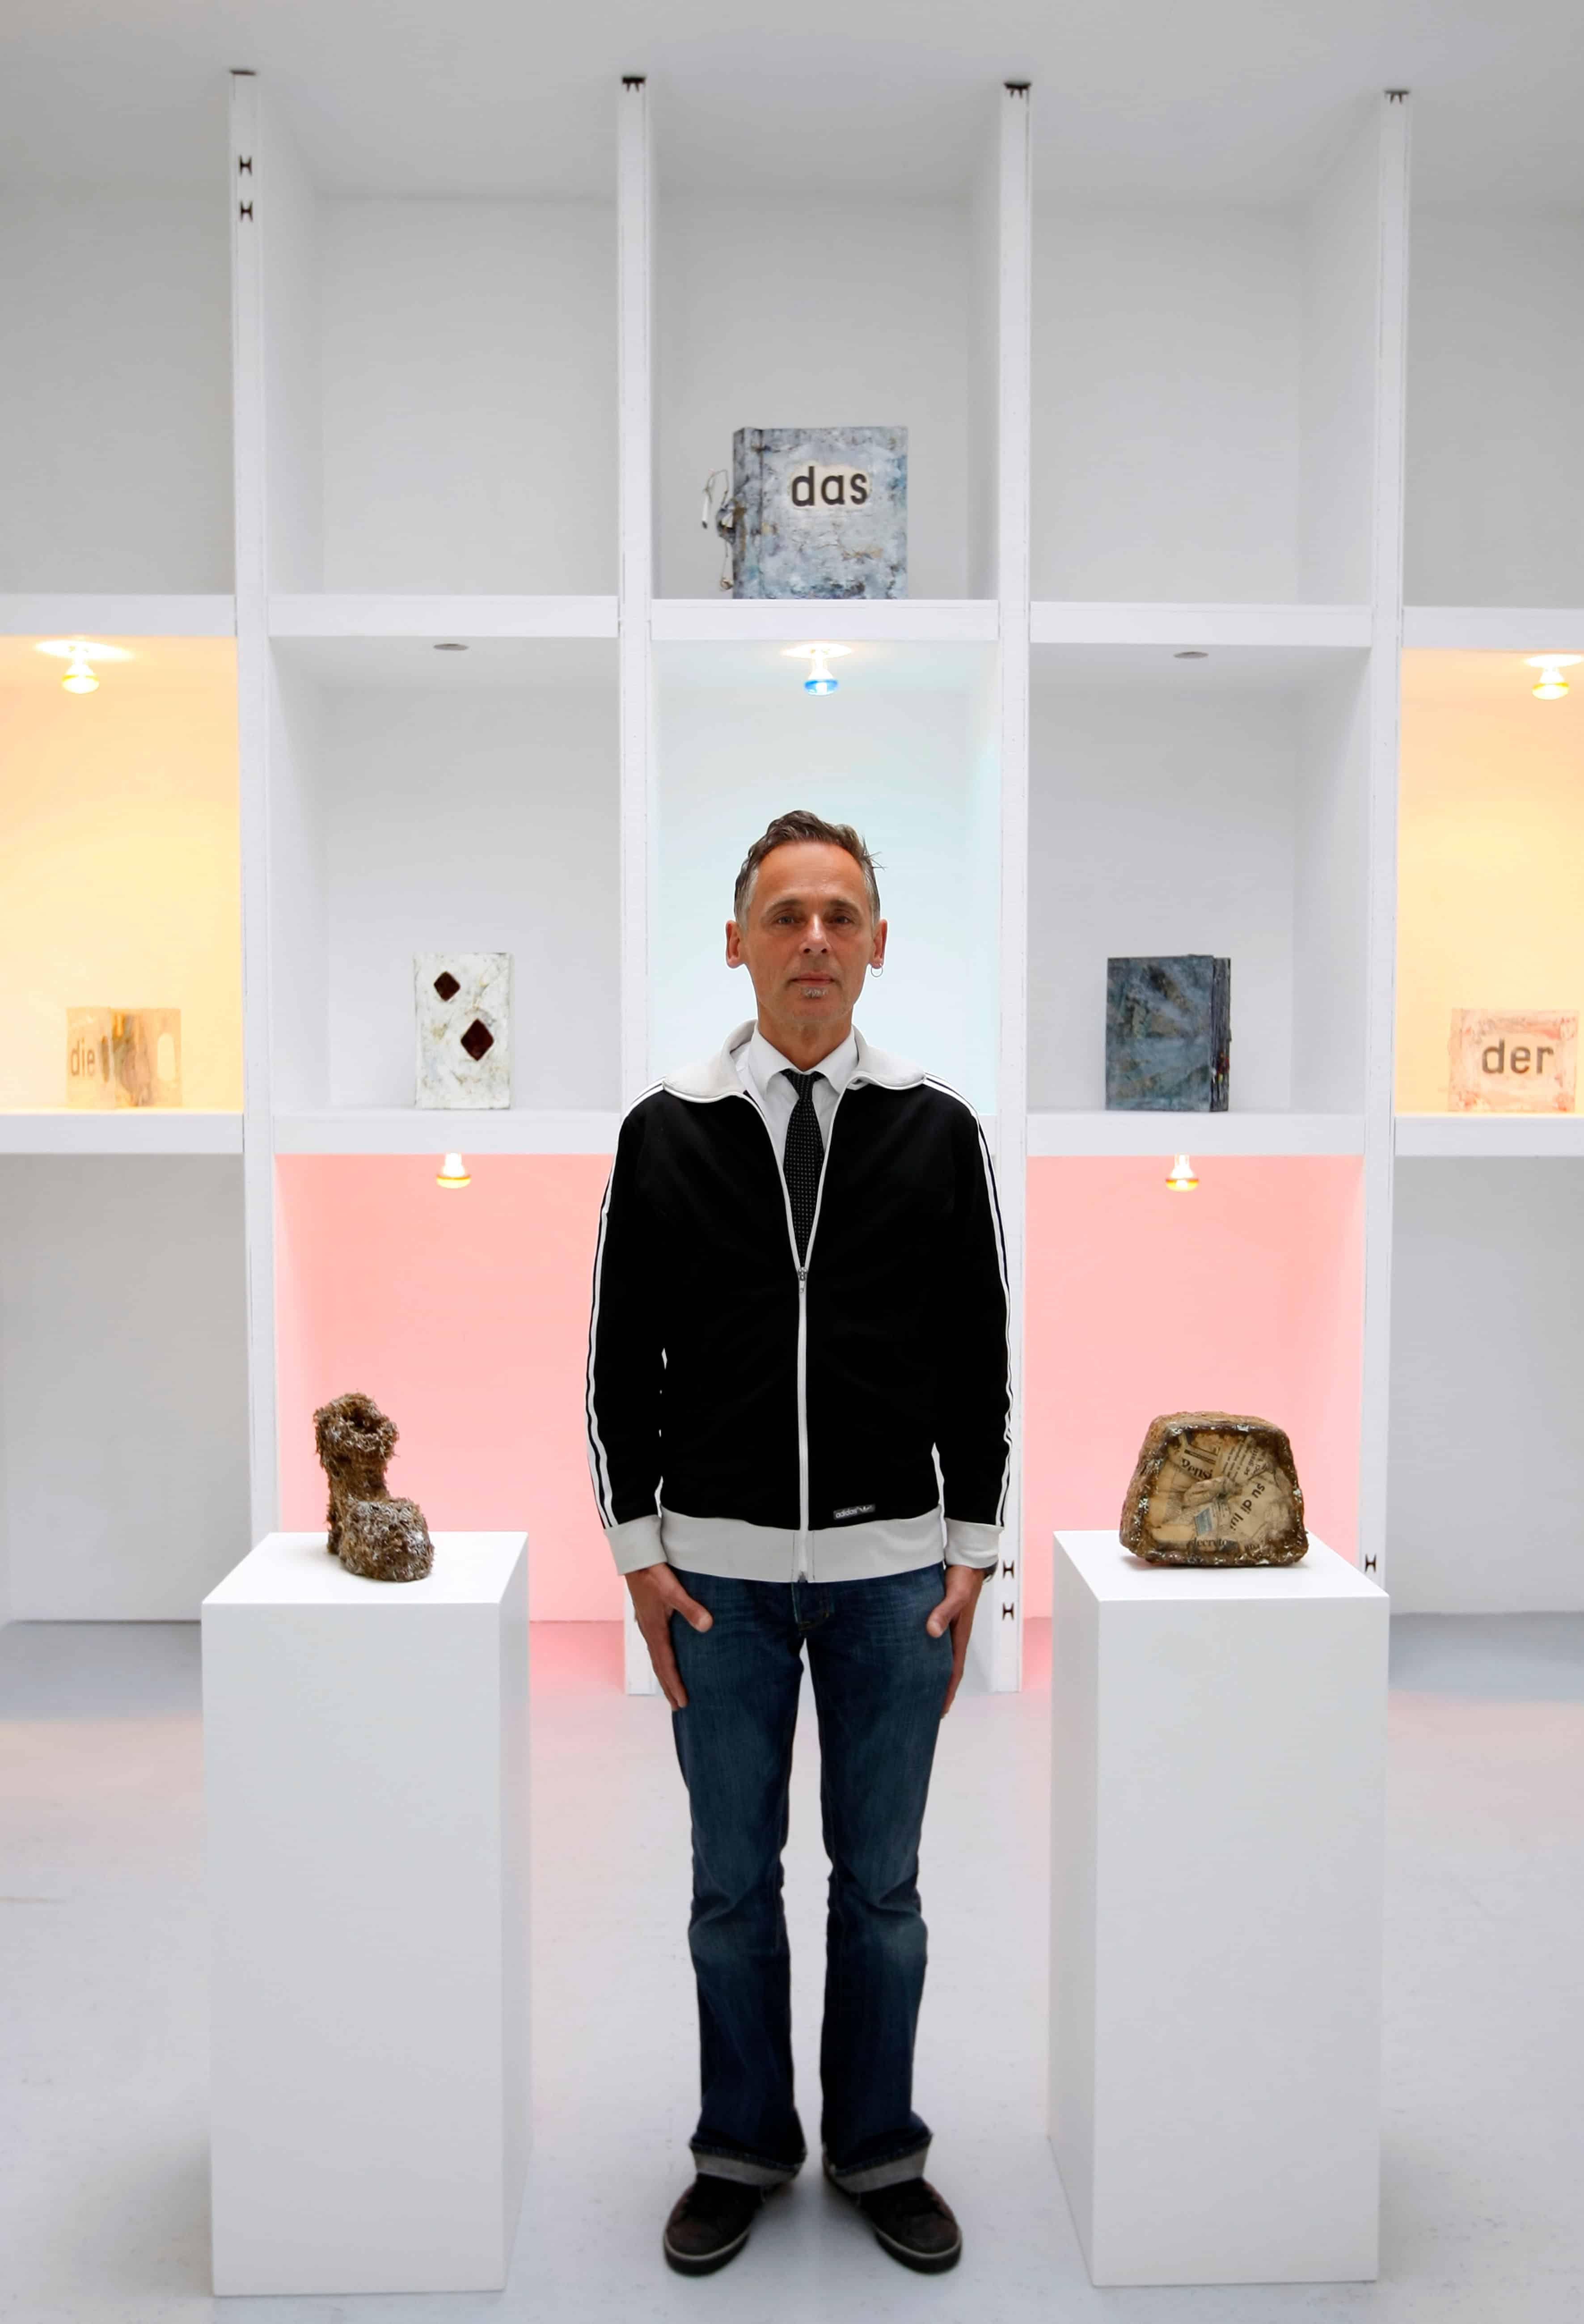 Bernd-Erich-Gall, Künstler